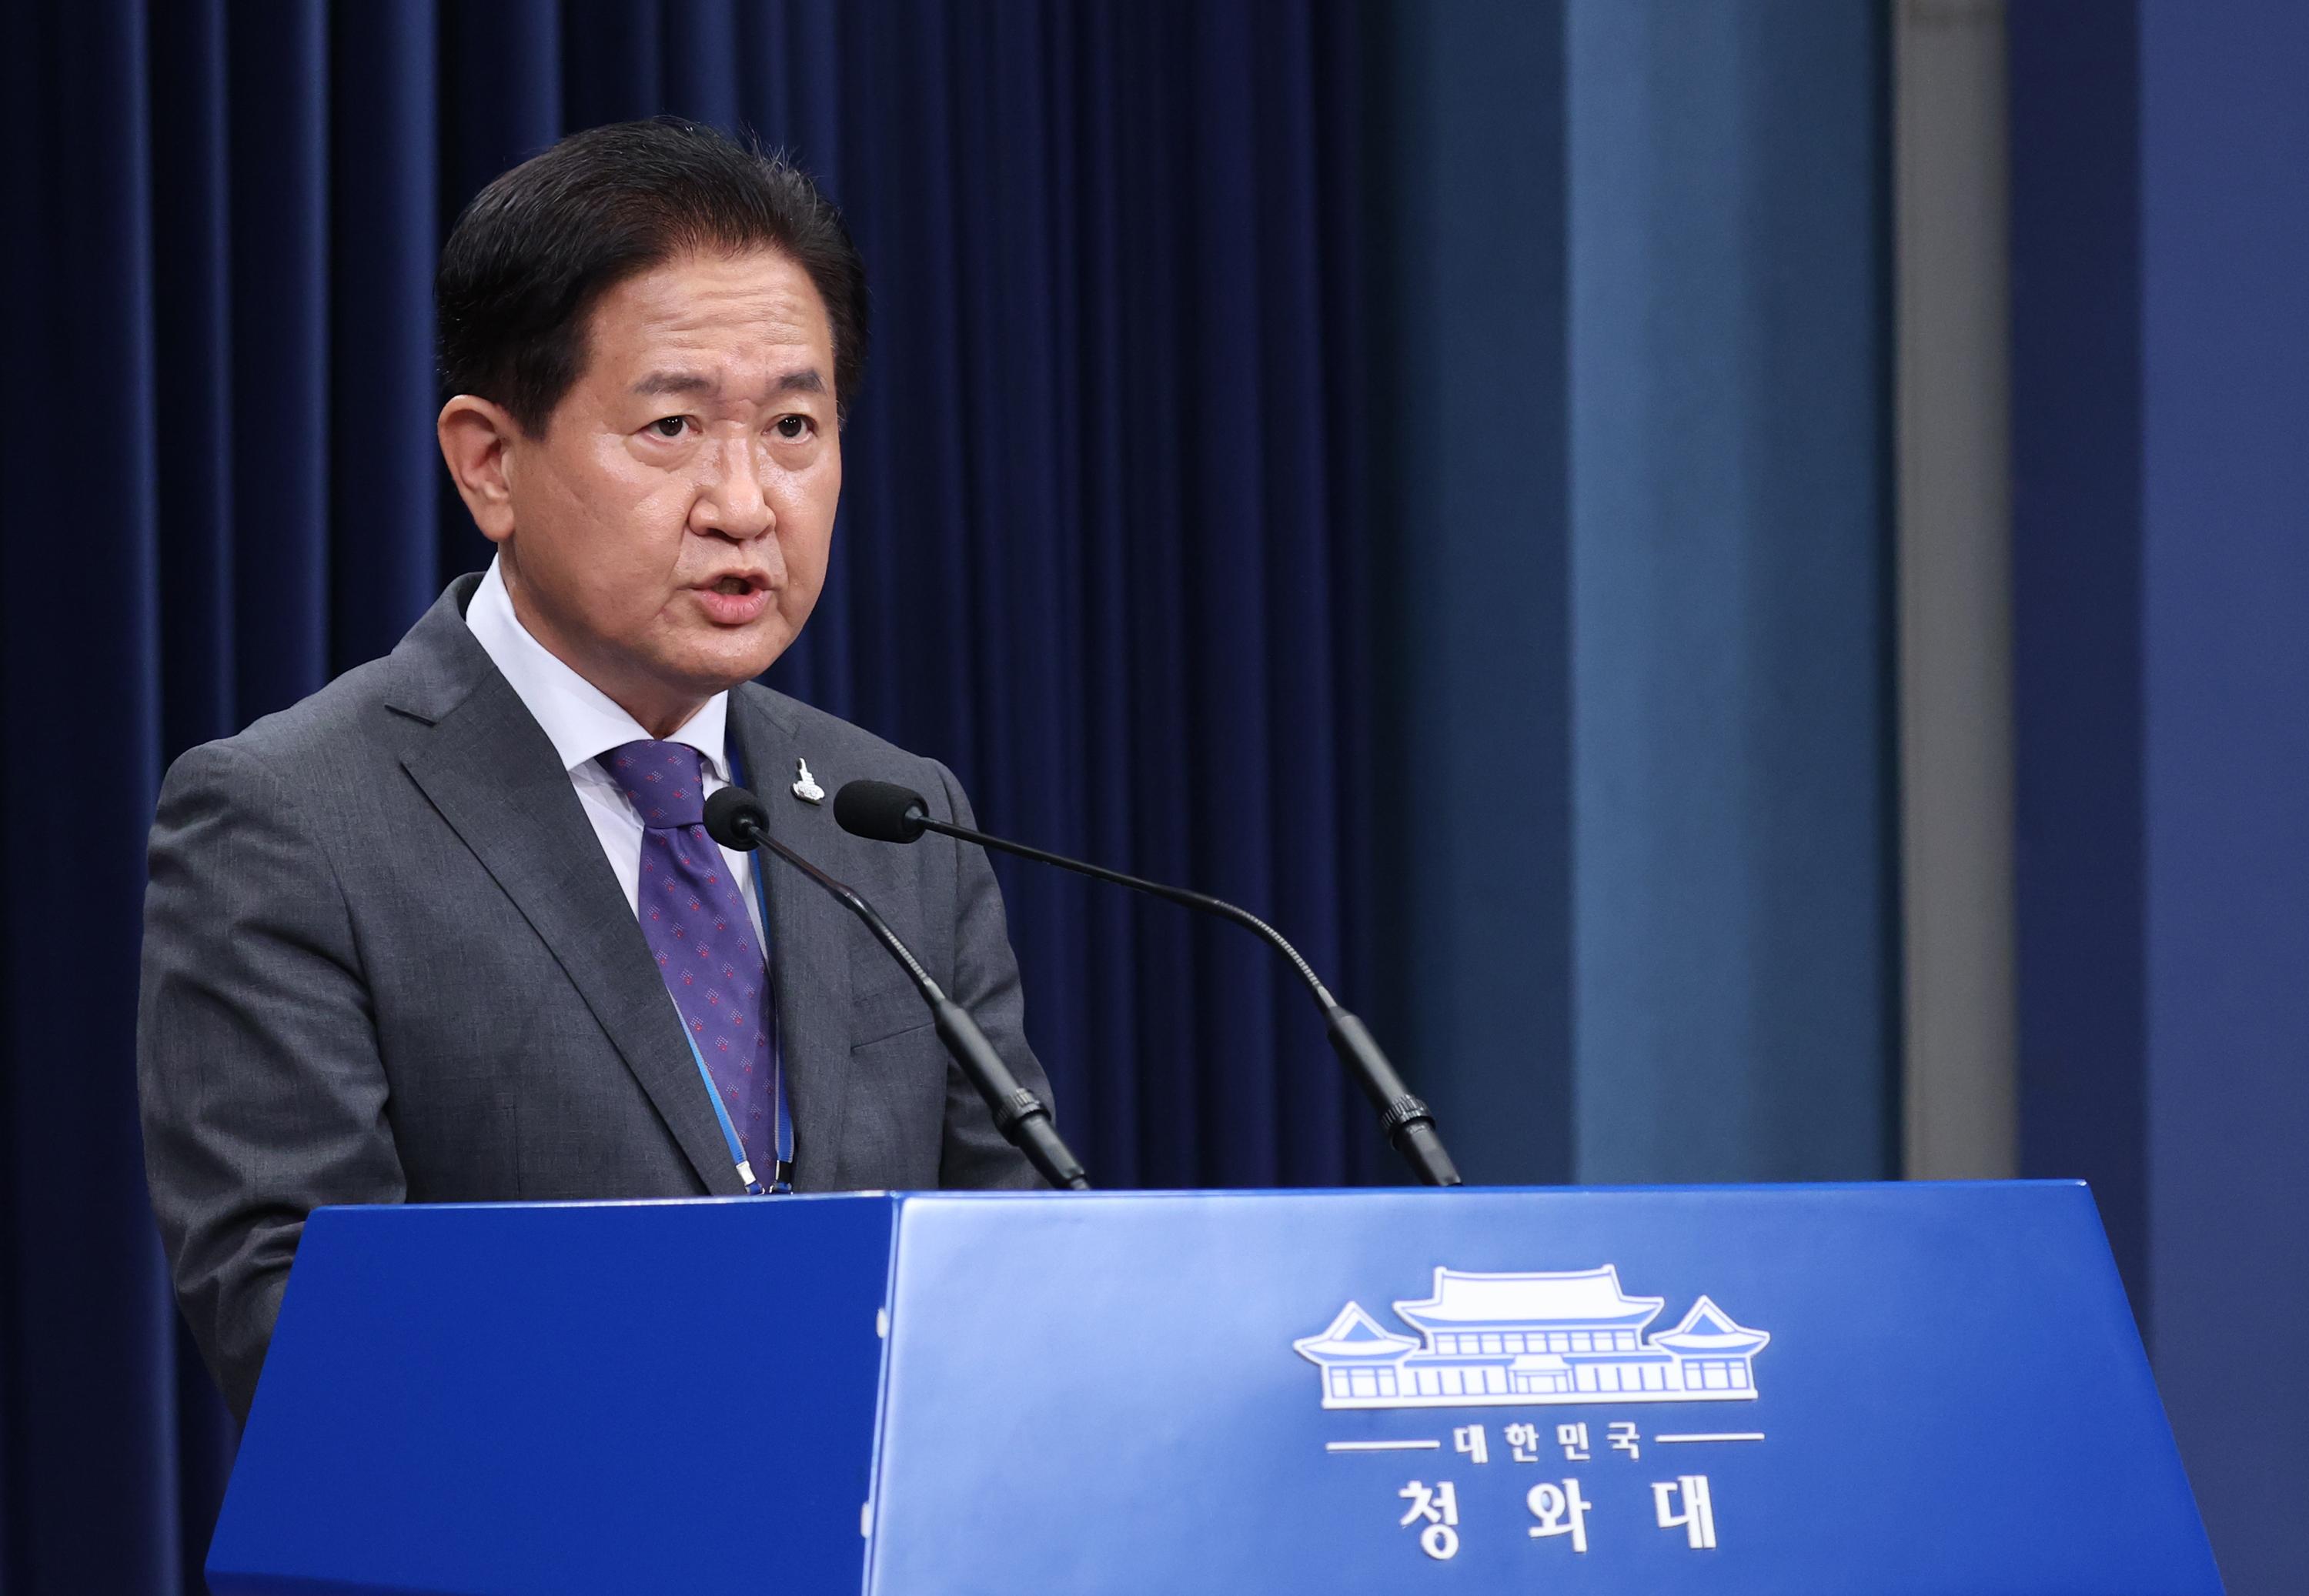 소연평도에서 실종된 공무원이 북한에서 피격된 사건과 관련해 브리핑 하는 서주석 NSC 사무처장(국가안보실 1차장)